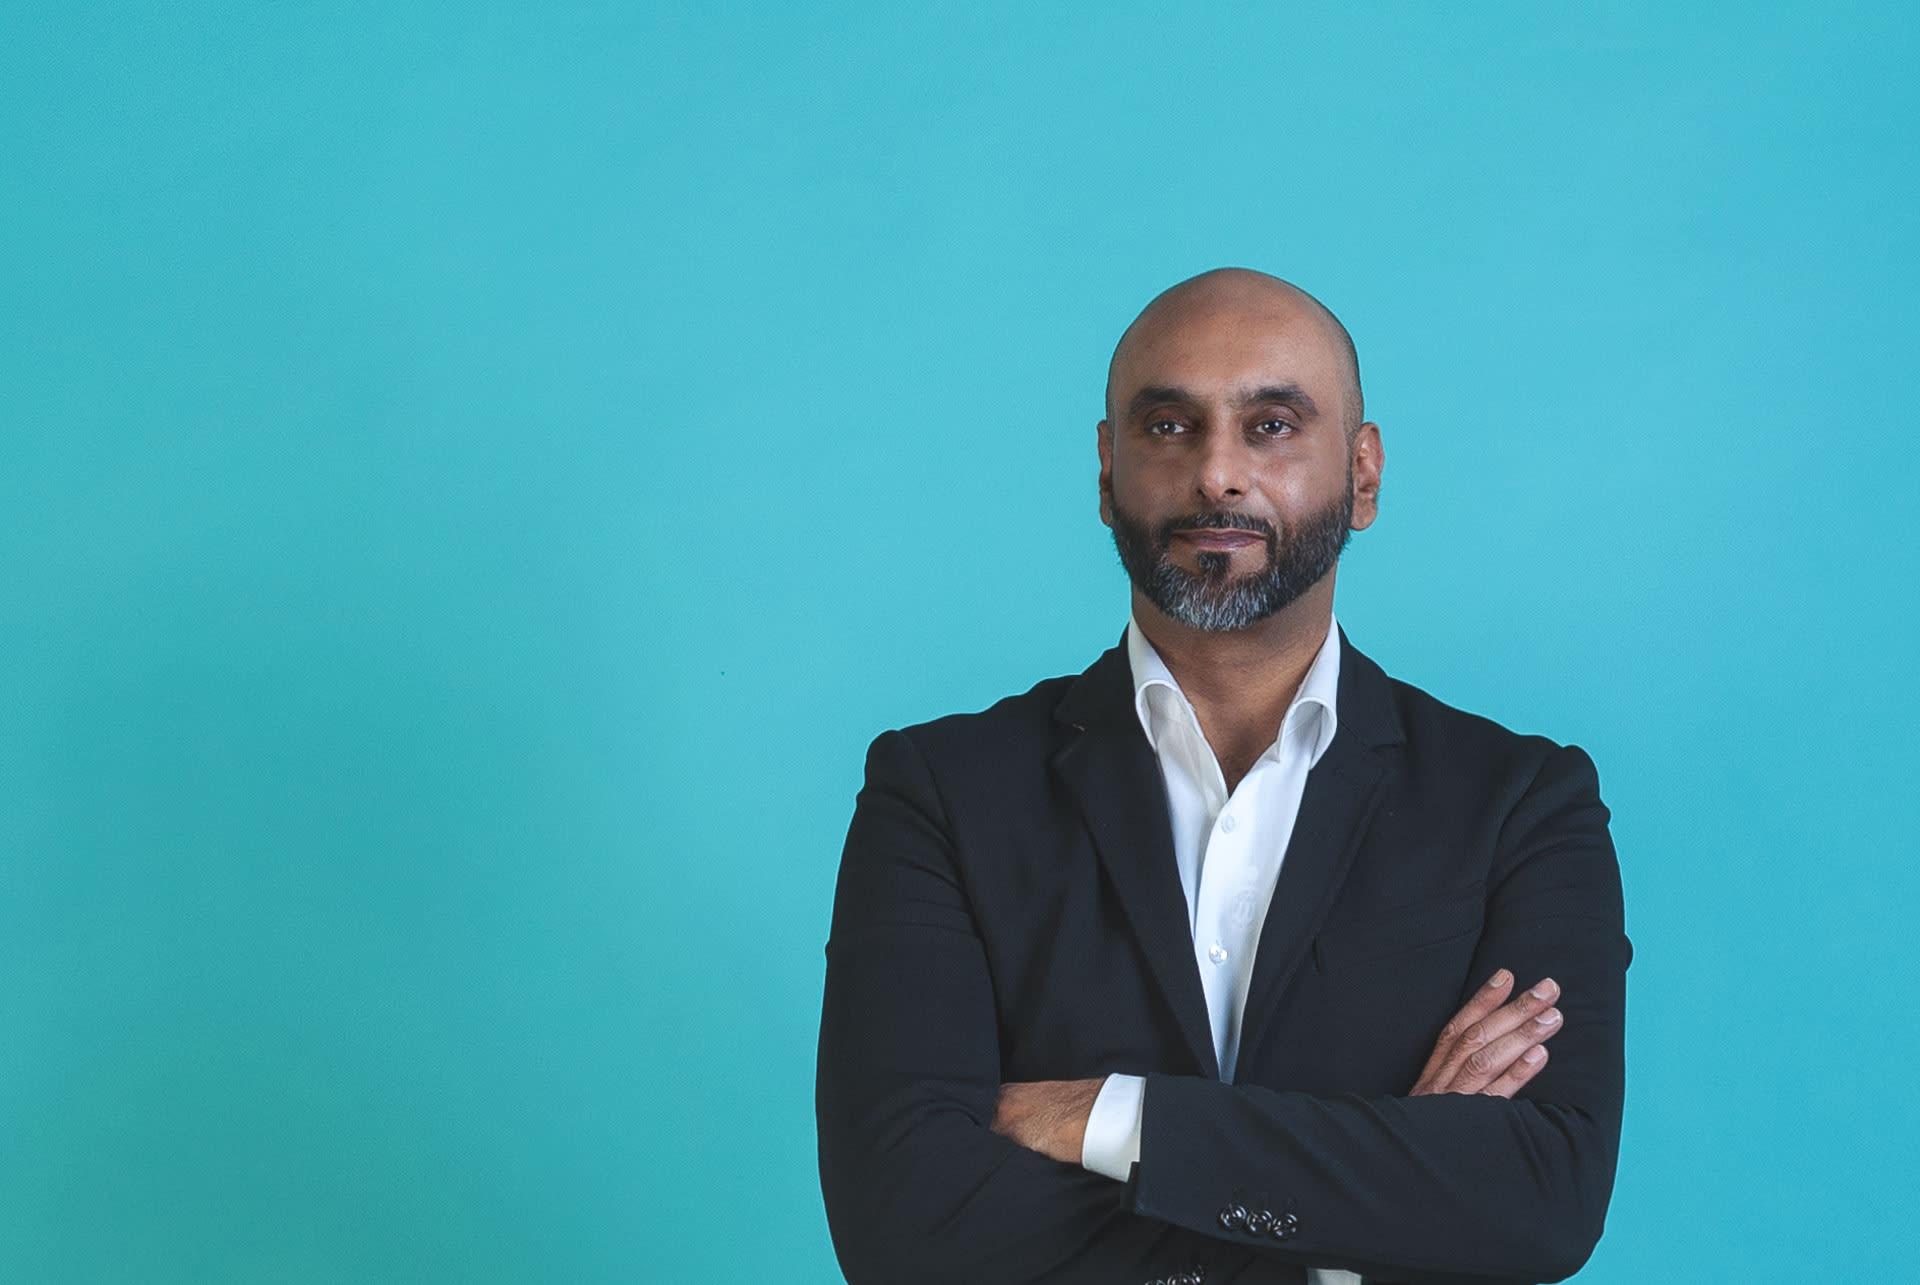 Asian Business man Azmat